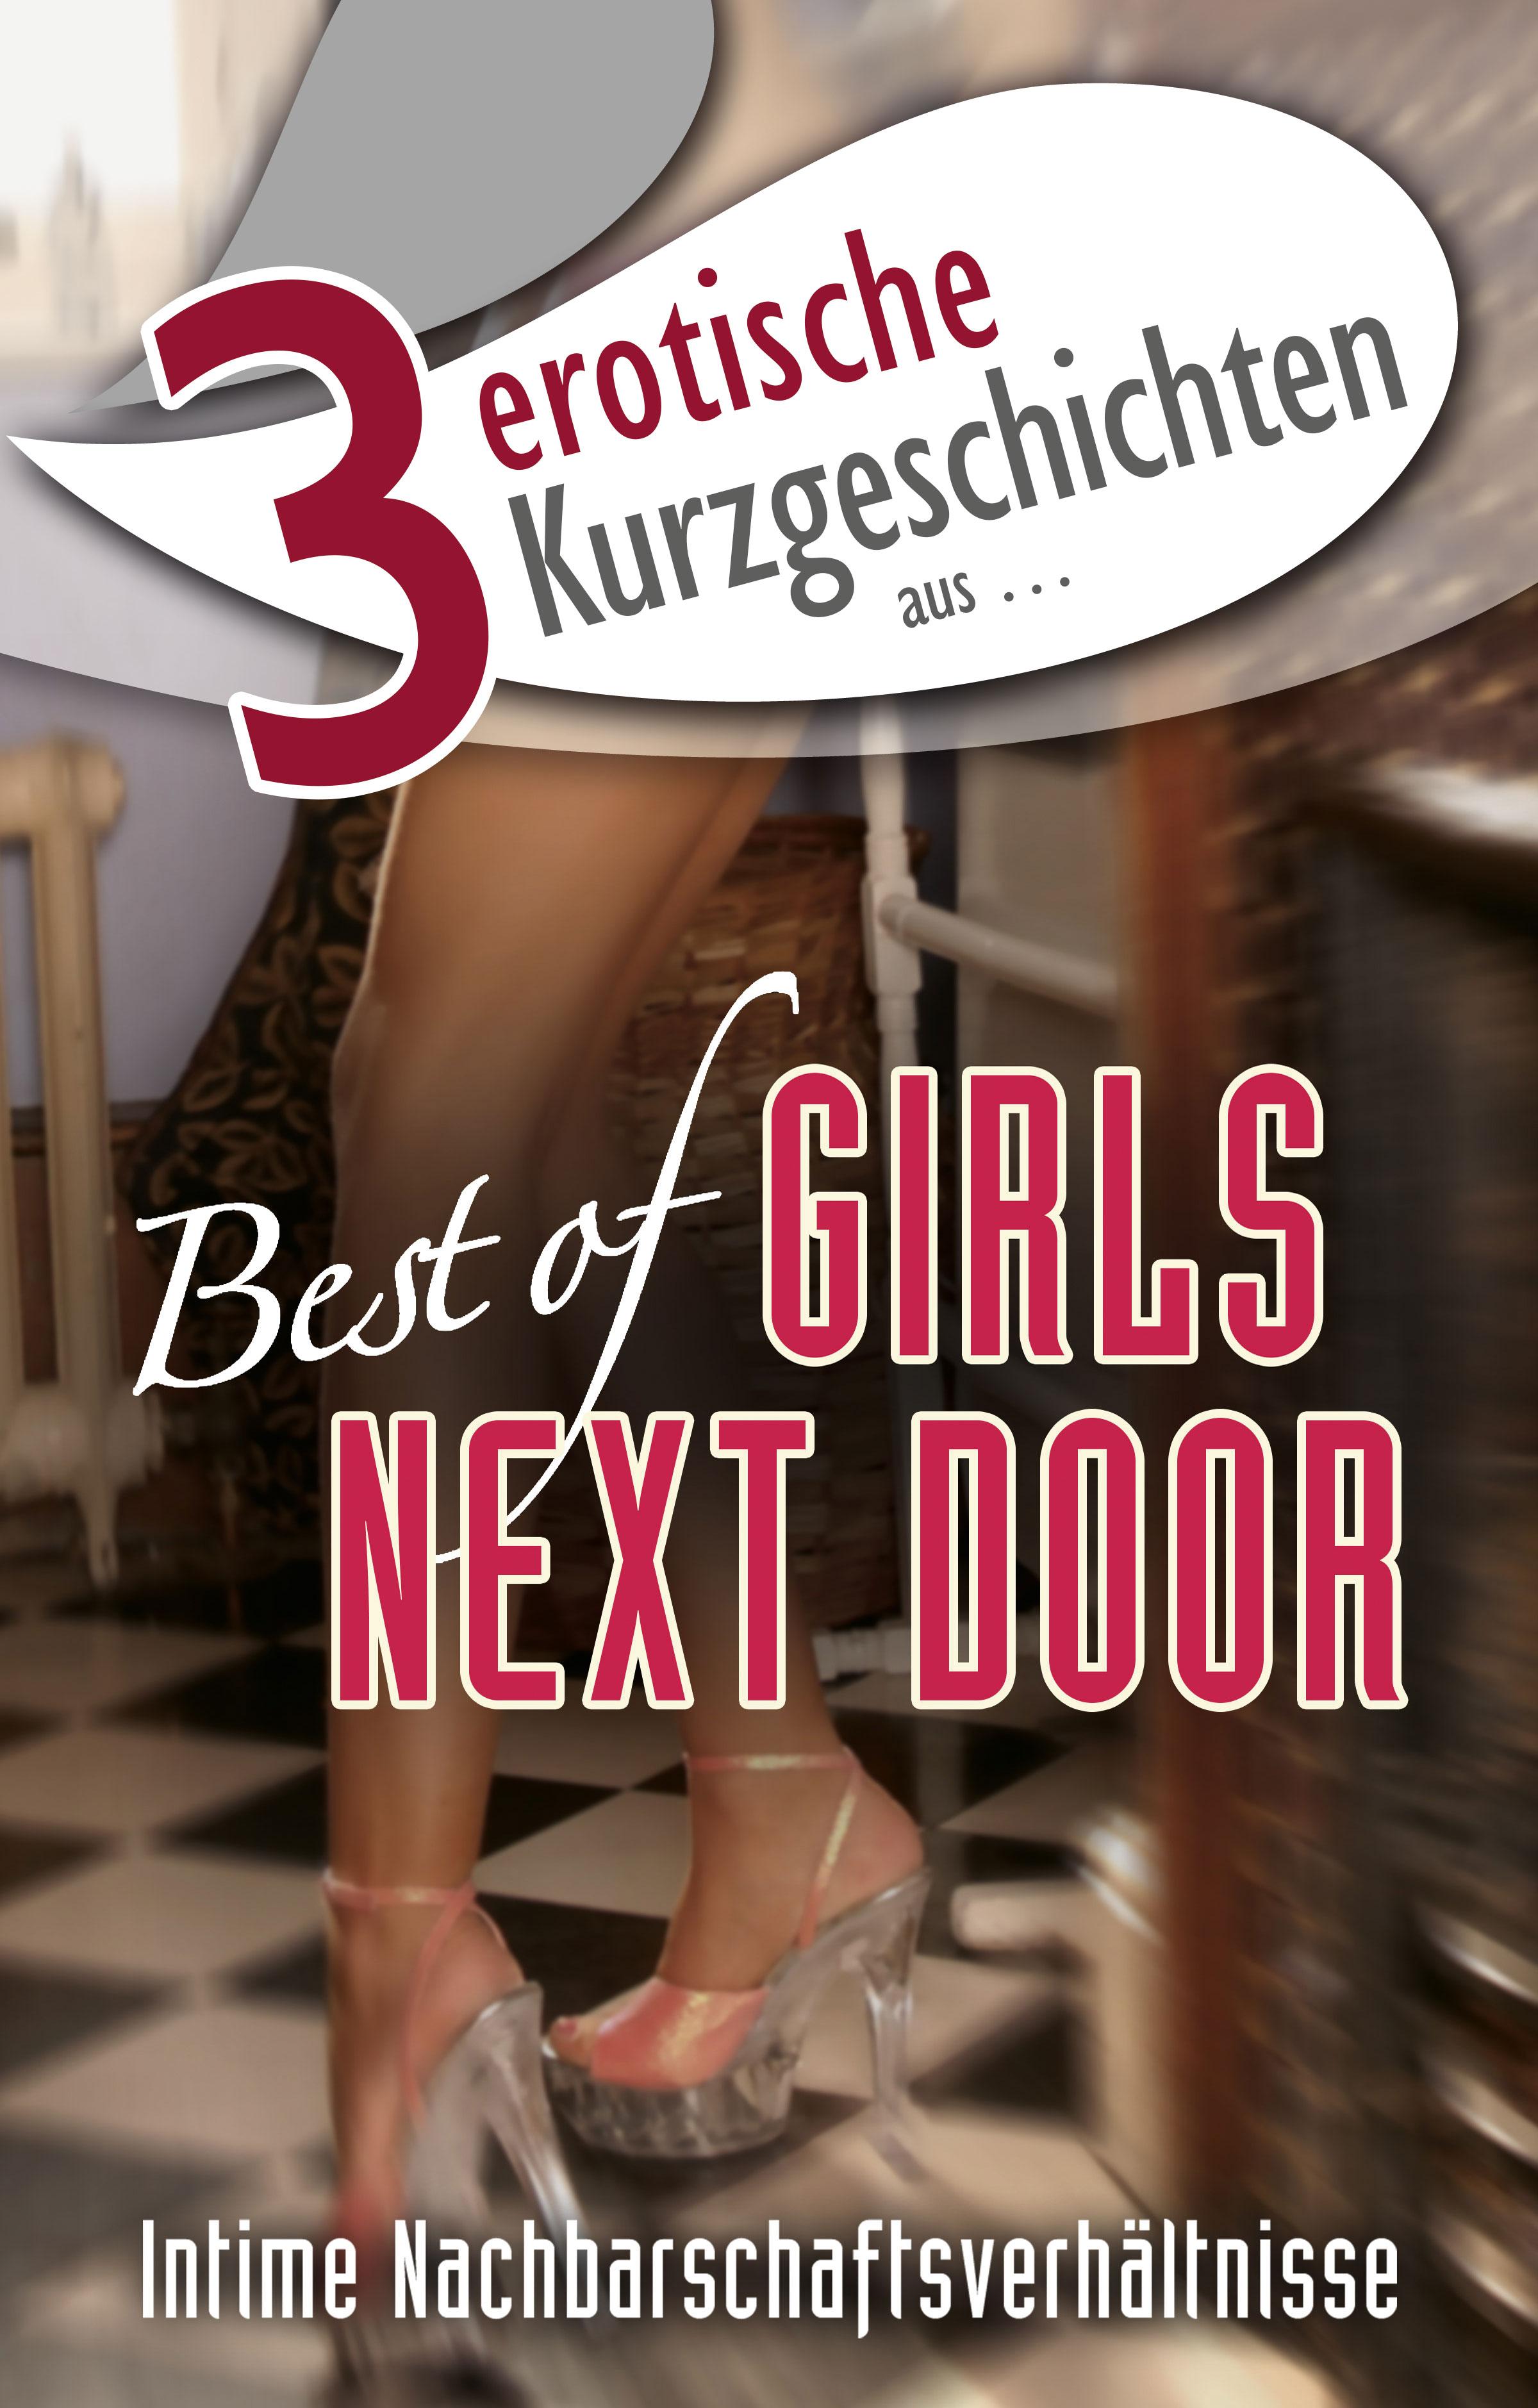 Andreas Muller 3 erotische Kurzgeschichten aus: